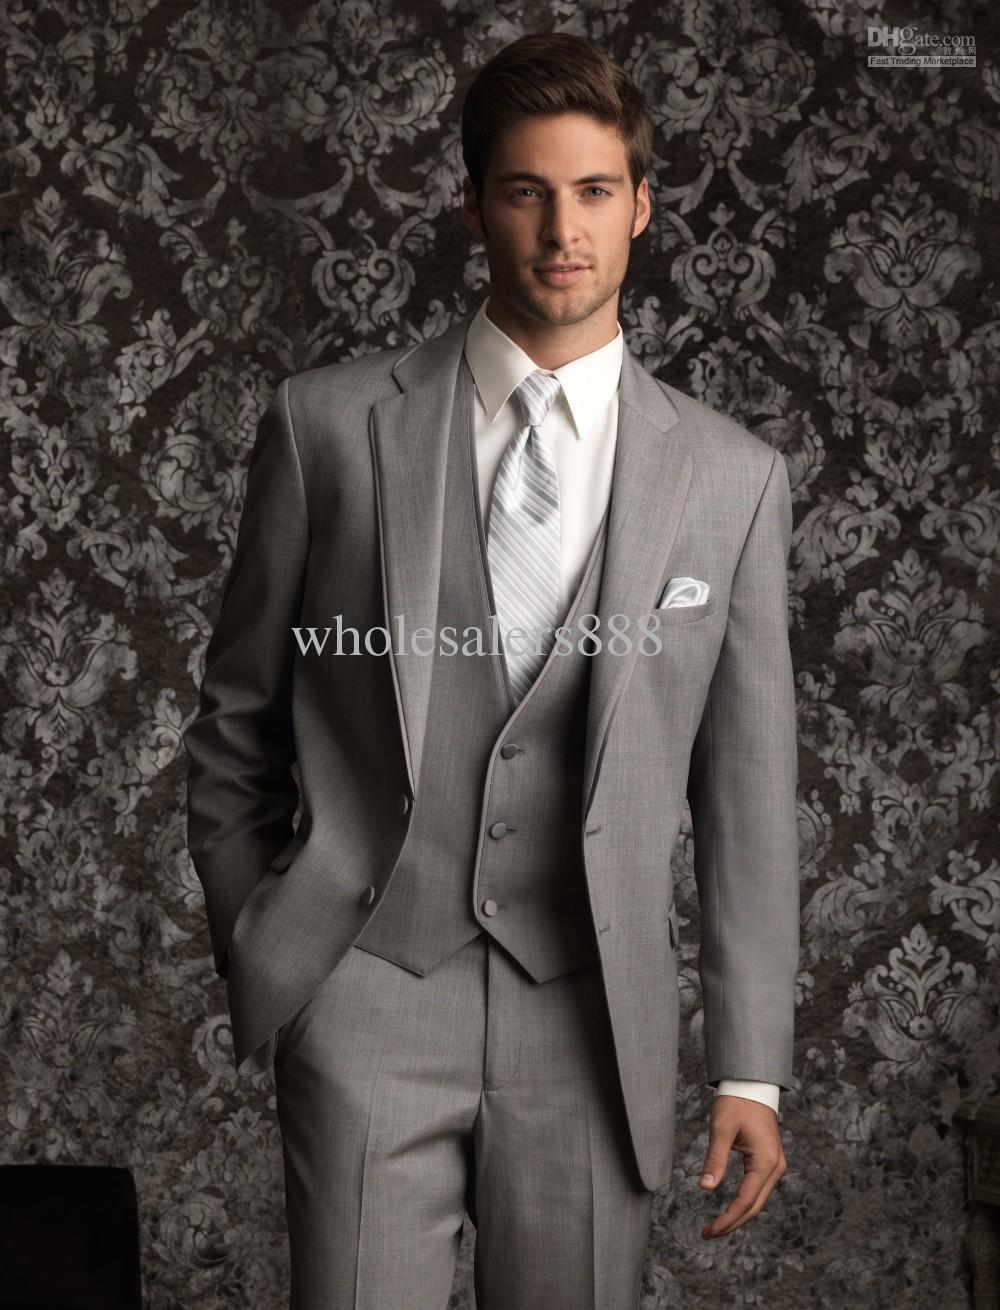 f7108407c95c New Style Grey Groom Tuxedos Groomsmen Notch Collar Men Wedding  SuitsJacket+Pants+Tie+